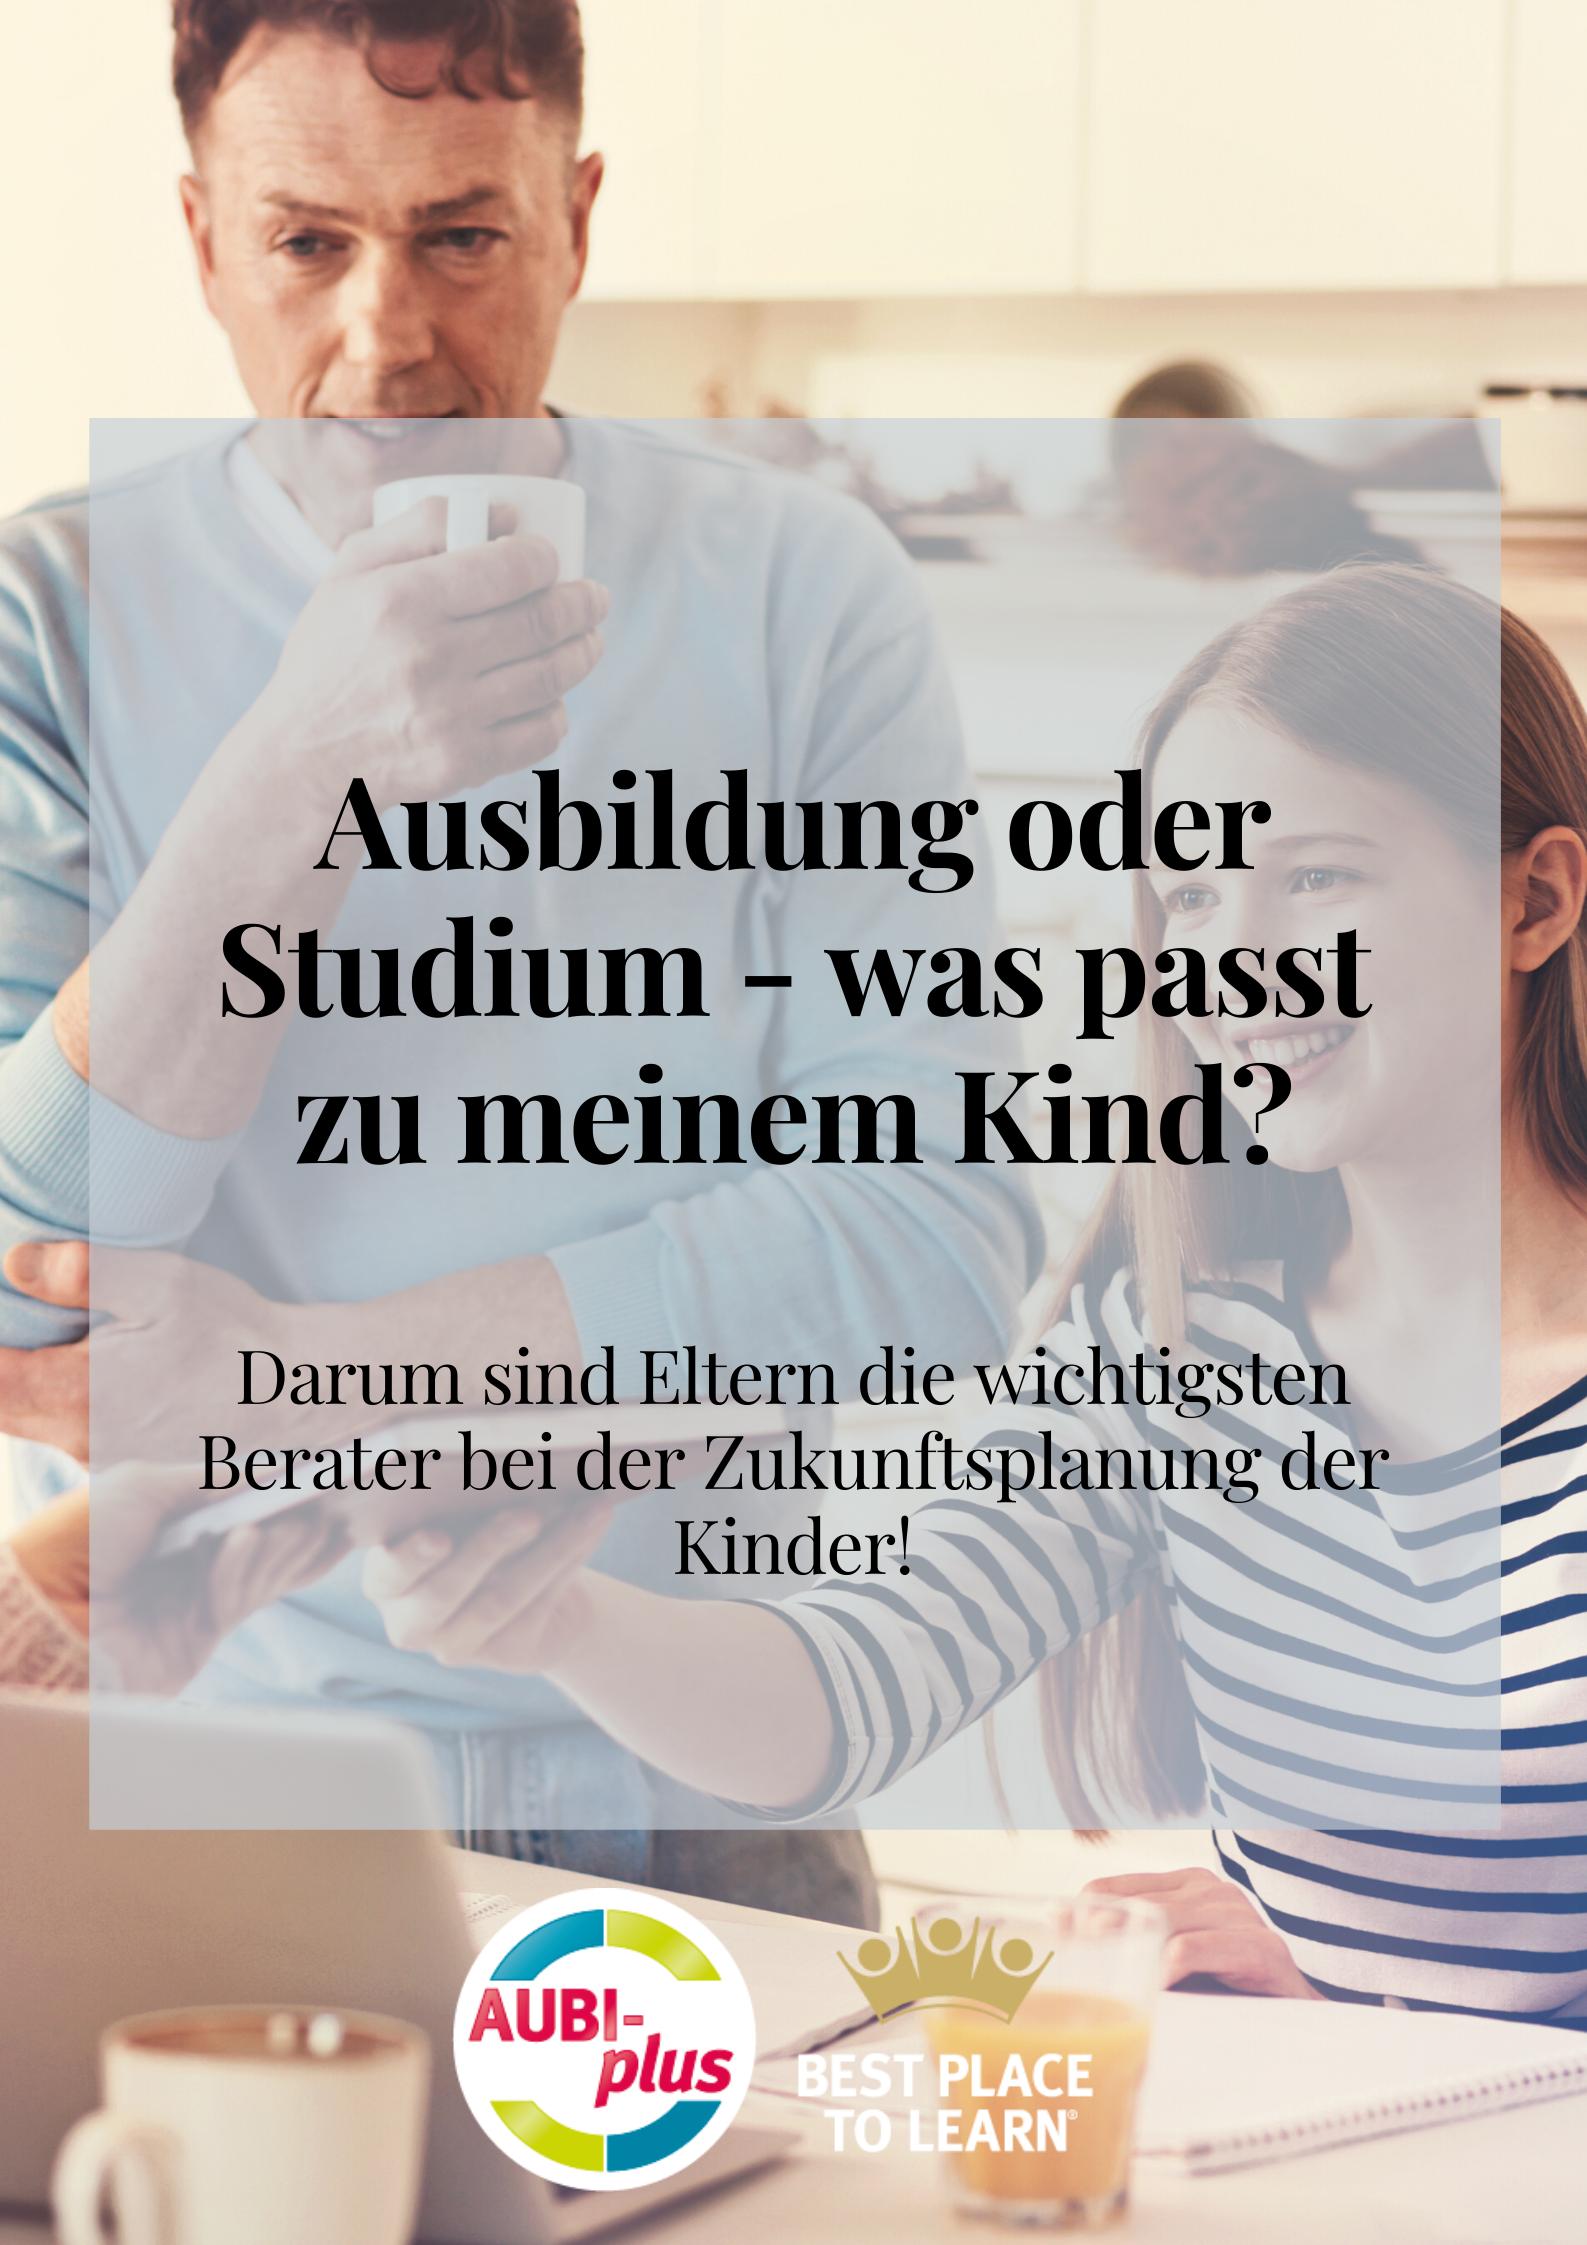 Ausbildung Oder Studium Was Passt Zu Den Starken Meines Kindes Studium Ausbildung Duales Studium